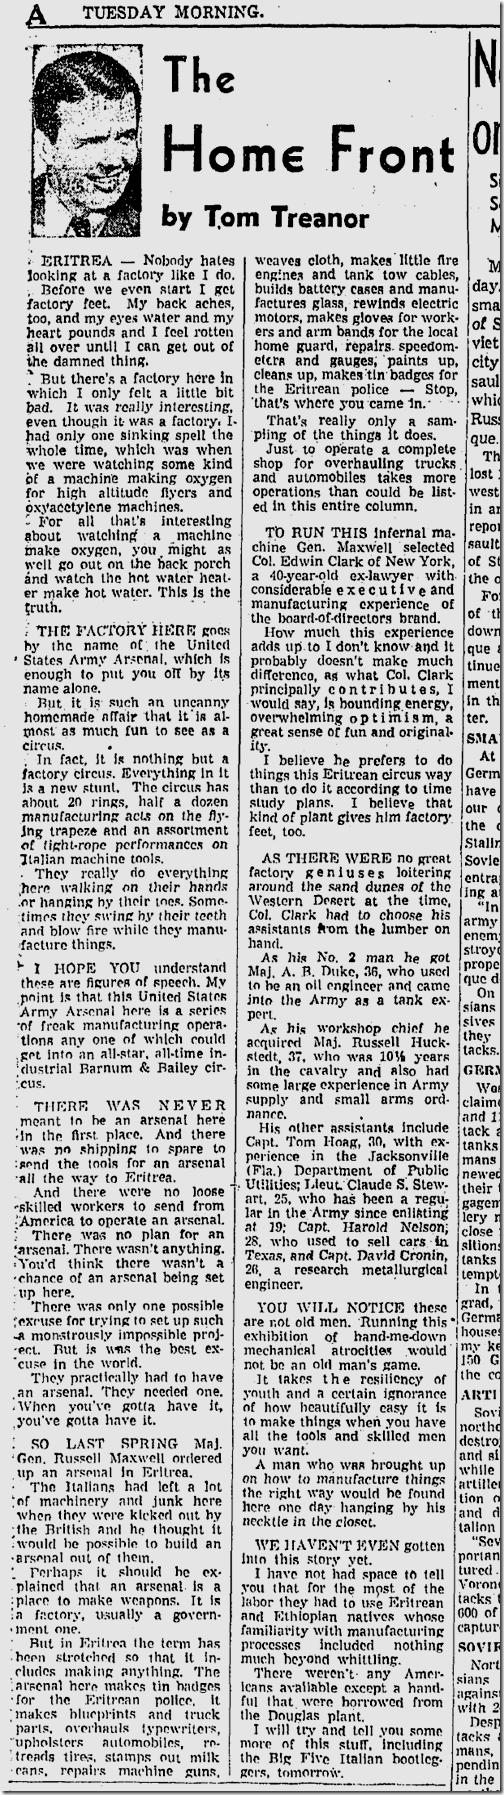 Dec. 1, 1942, Tom Treanor